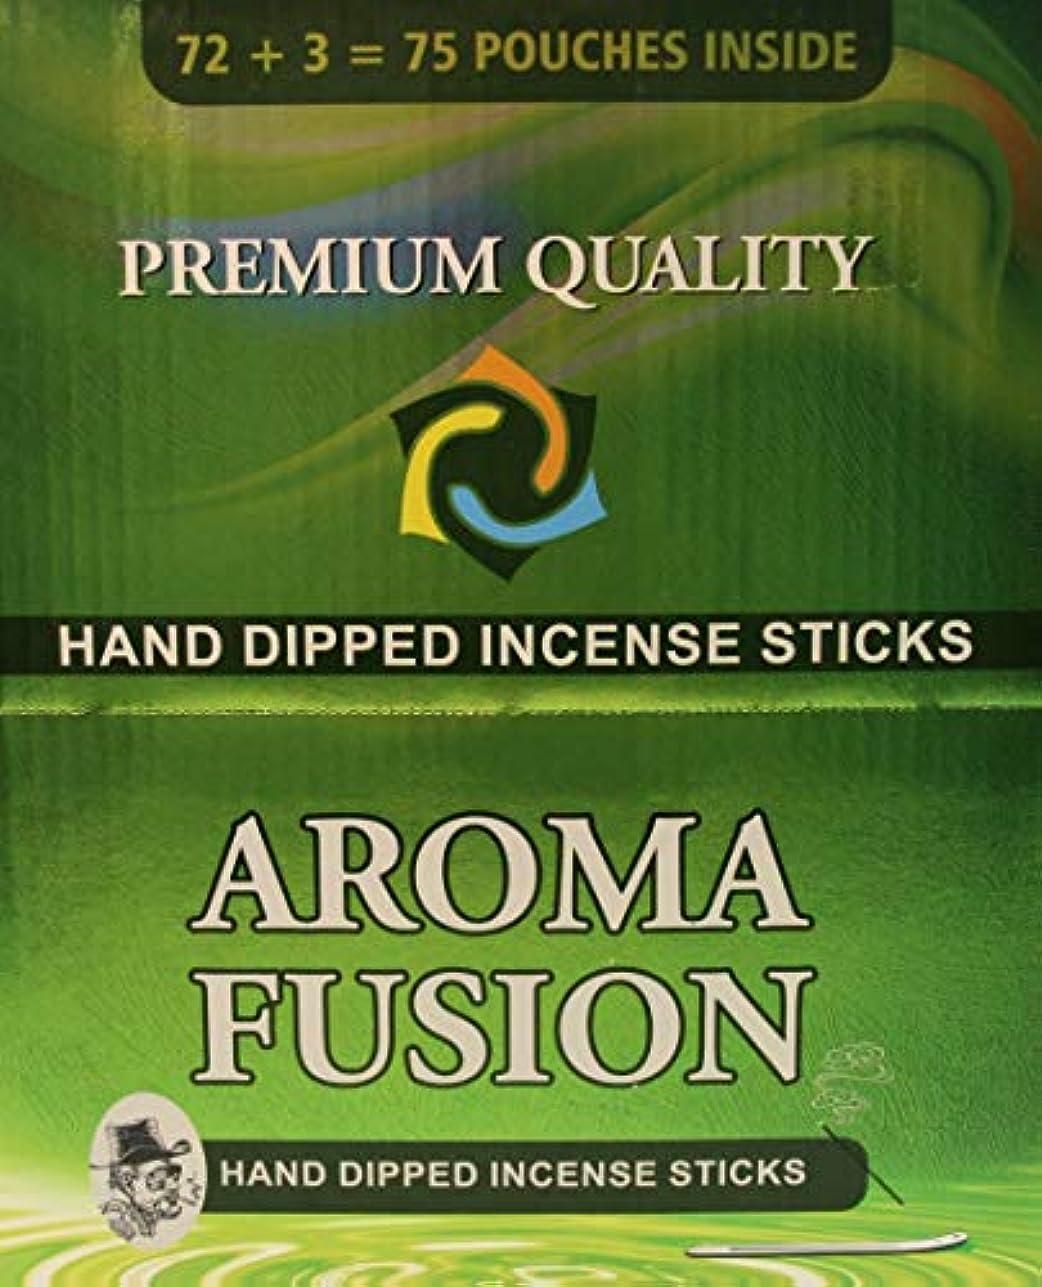 順応性がっかりしたスピリチュアルアロマフュージョンプレミアム品質手染めお香スティック | 75種類ポーチ | 合計1,125本 | 20種類の香り | お香ディスプレイケース